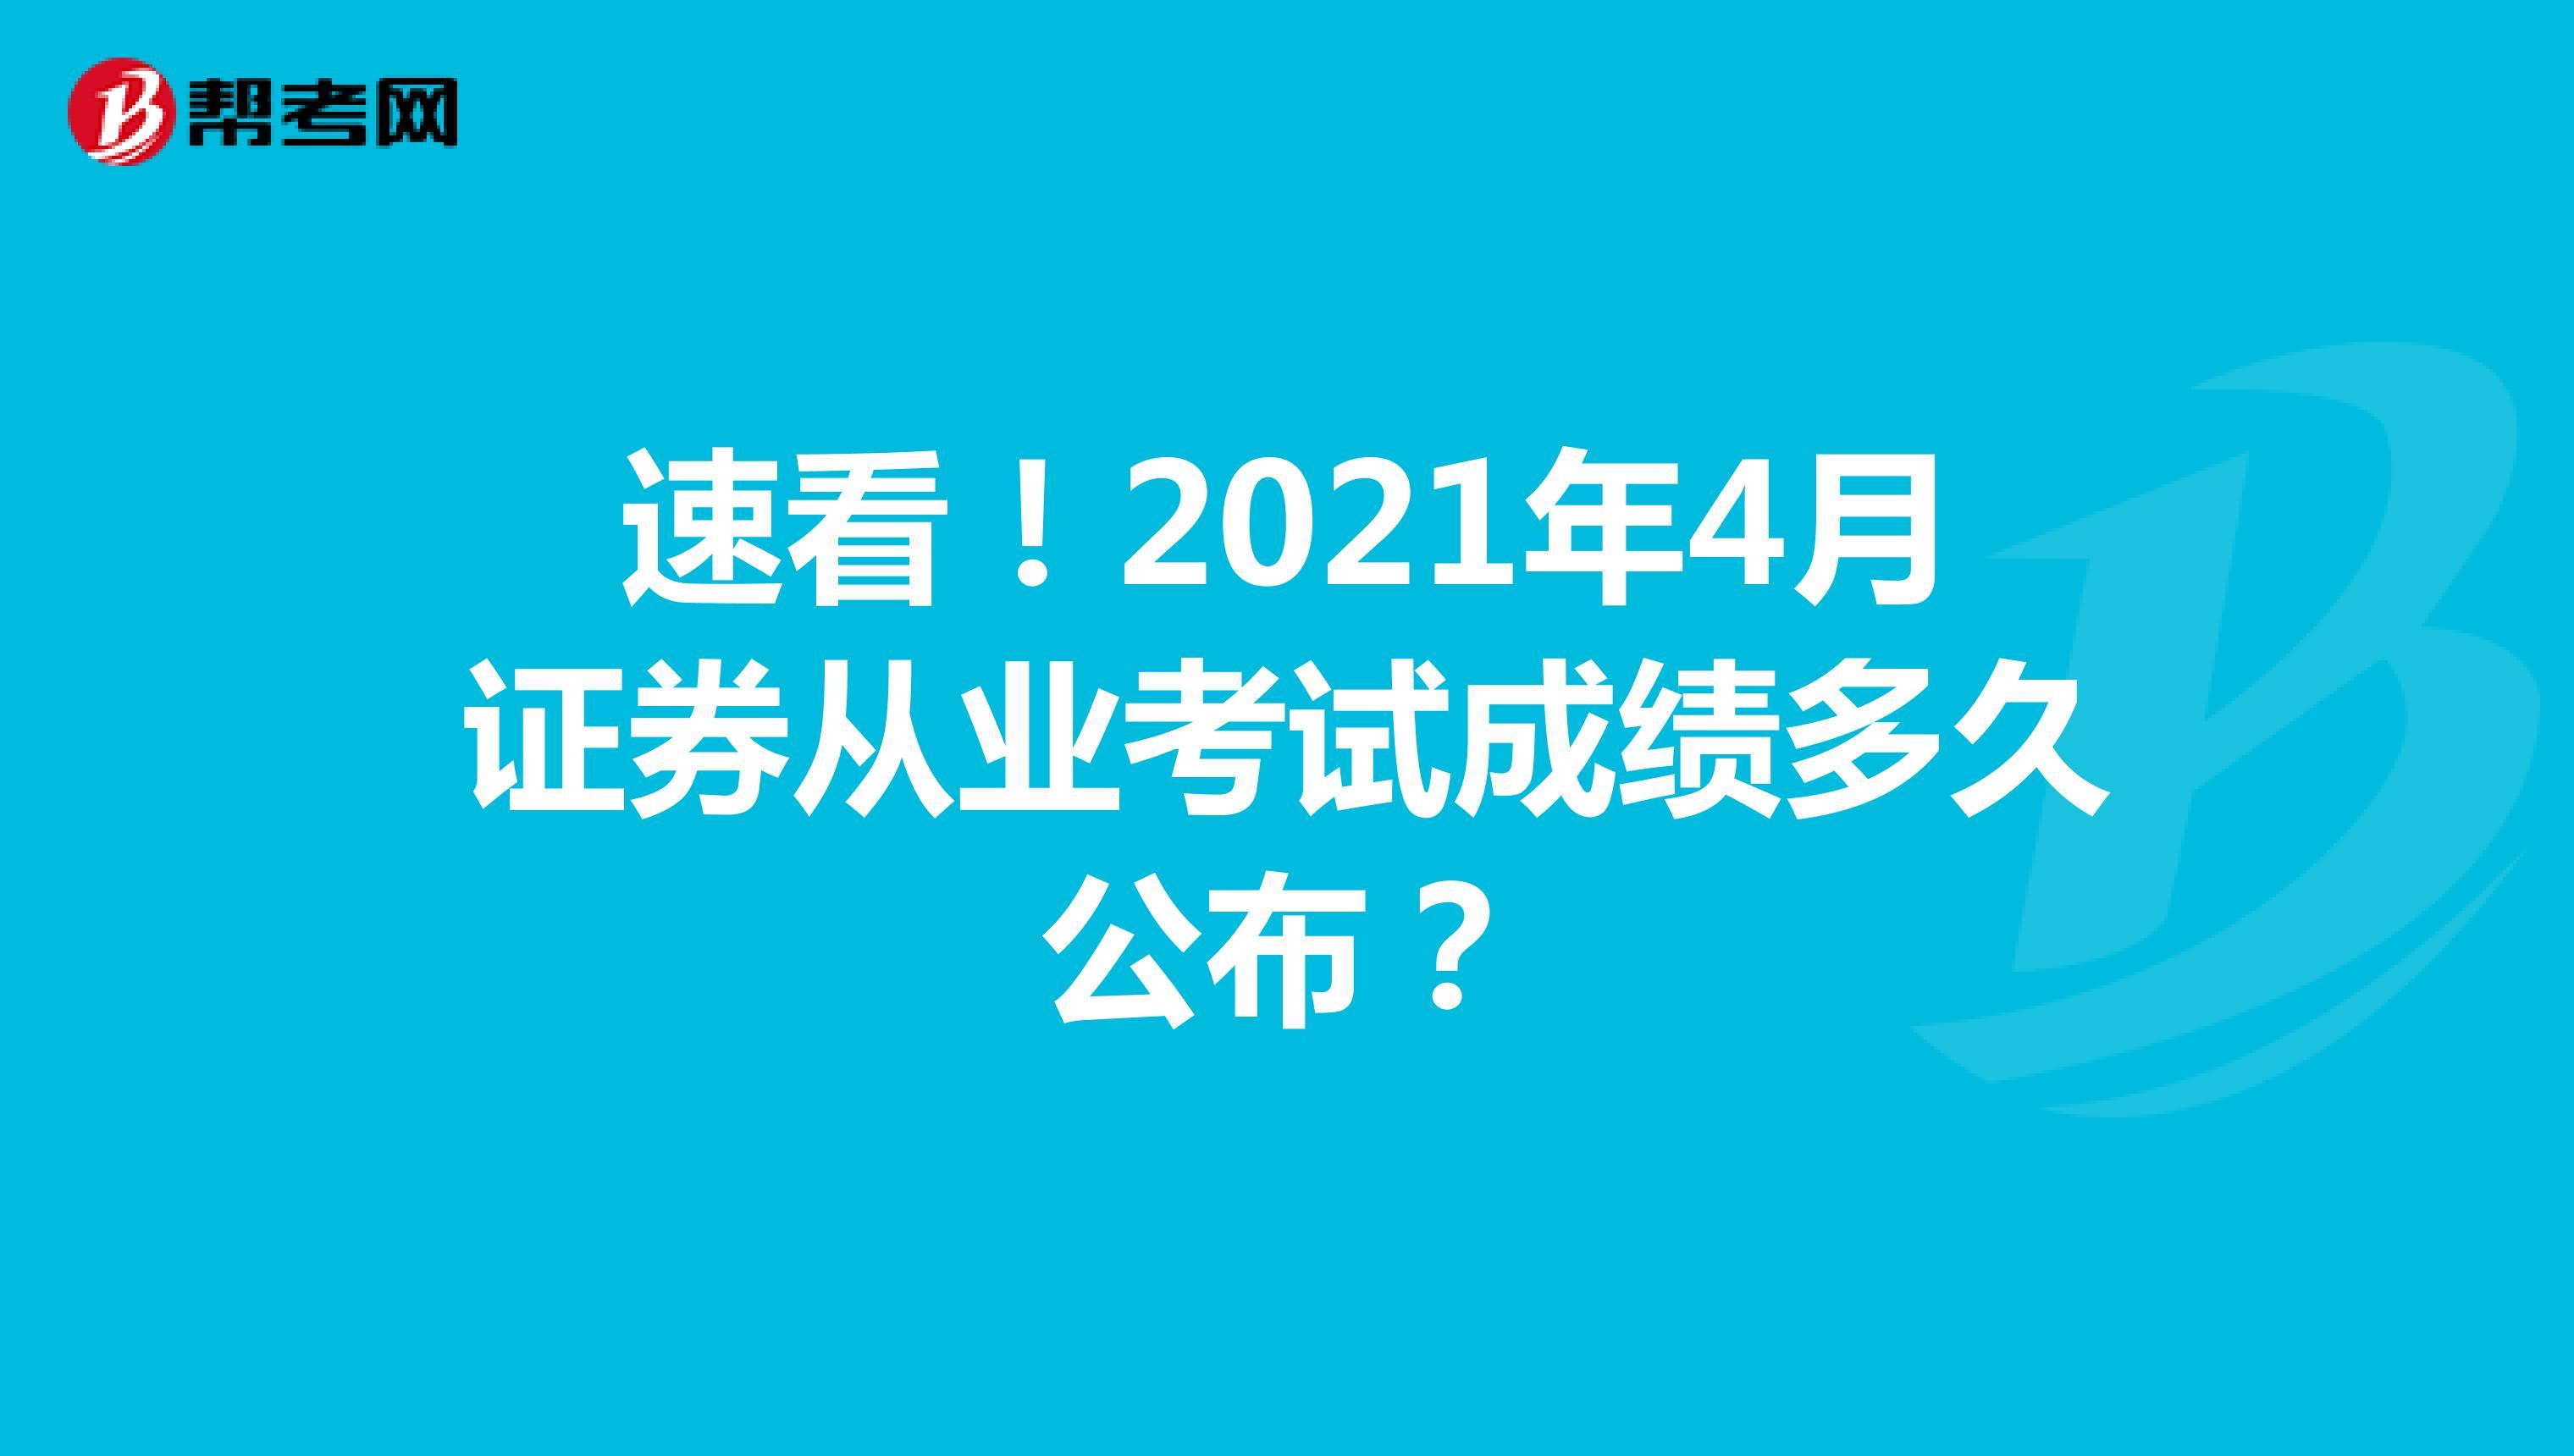 速看!2021年4月证券从业考试成绩多久公布?